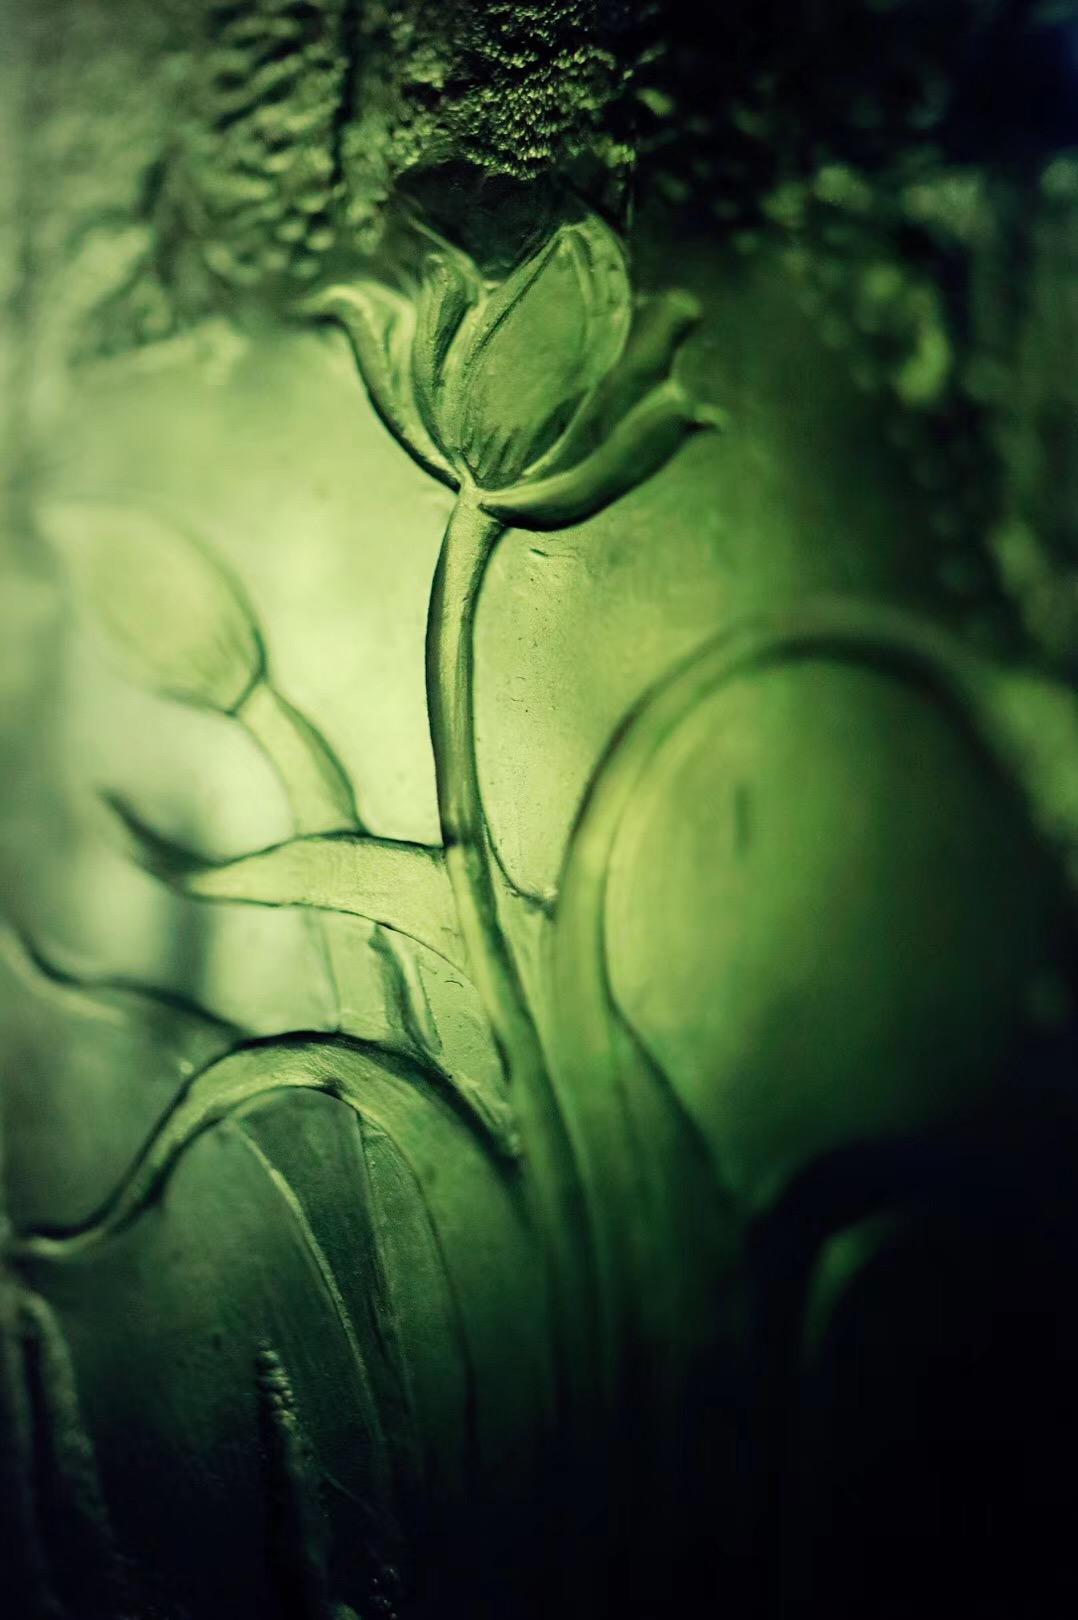 【菩心捷克陨石 | 兰】恰如一朵幽兰的花开-菩心晶舍